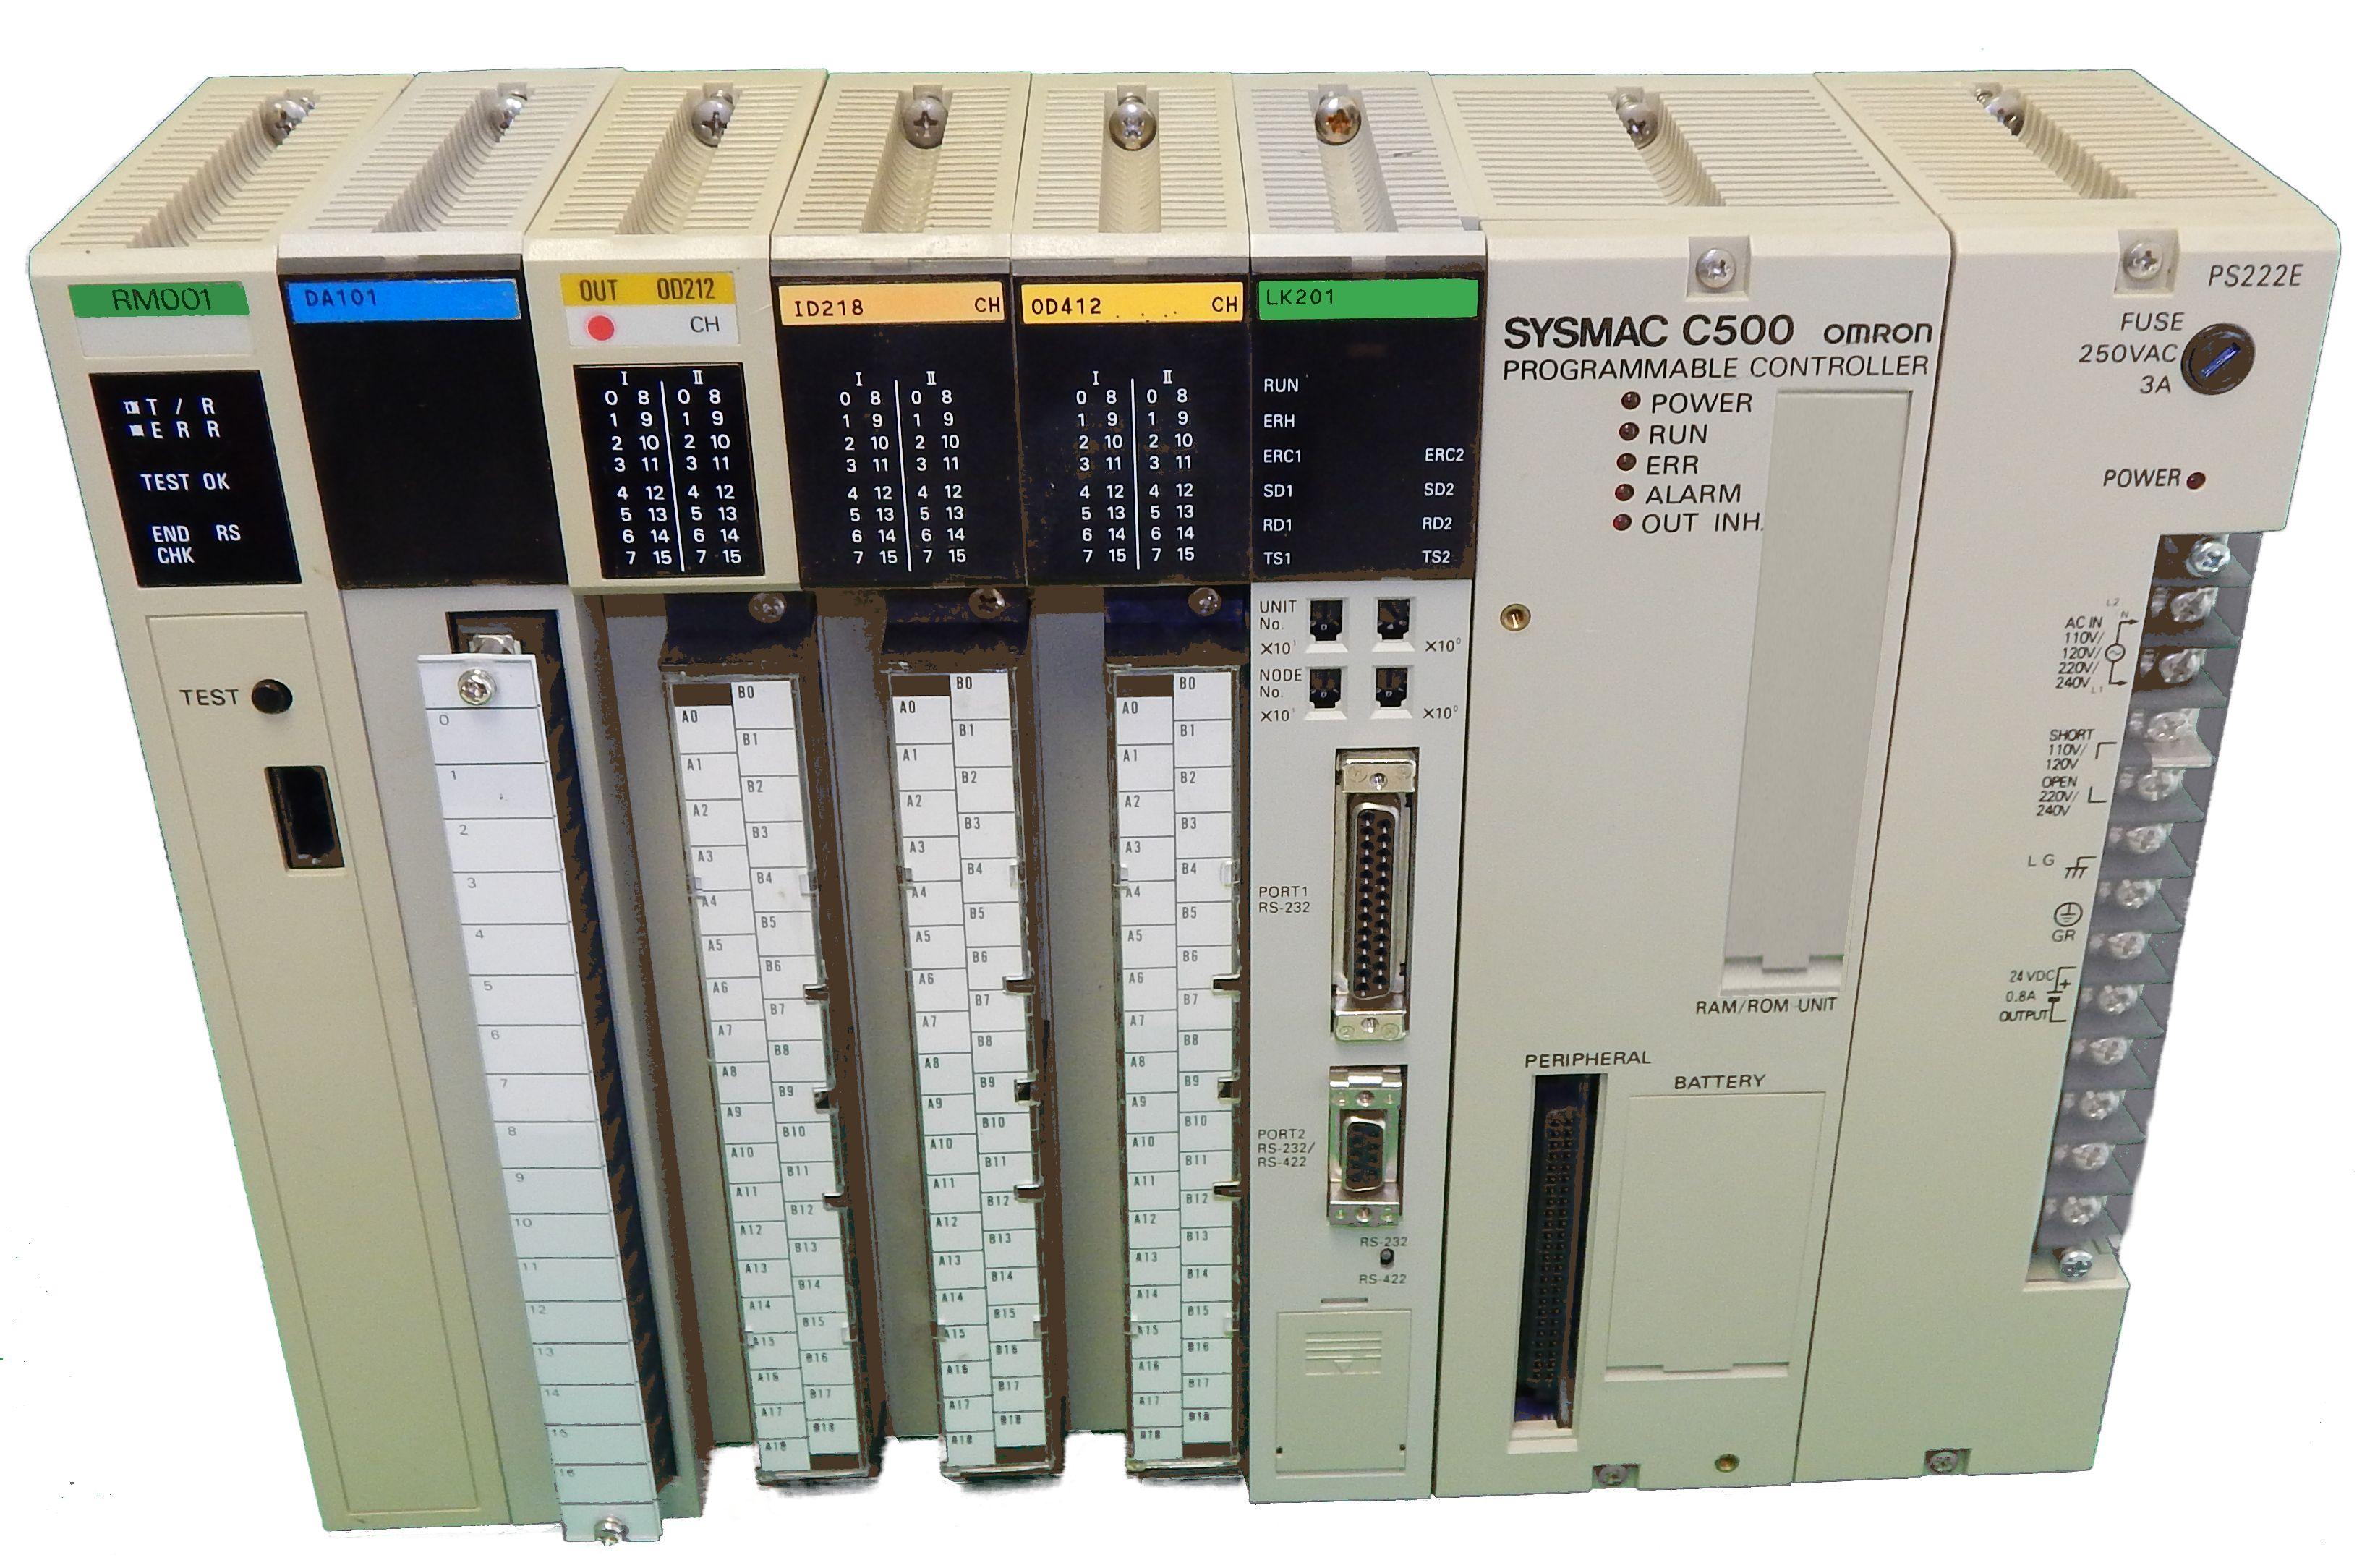 3G2C5-MR141